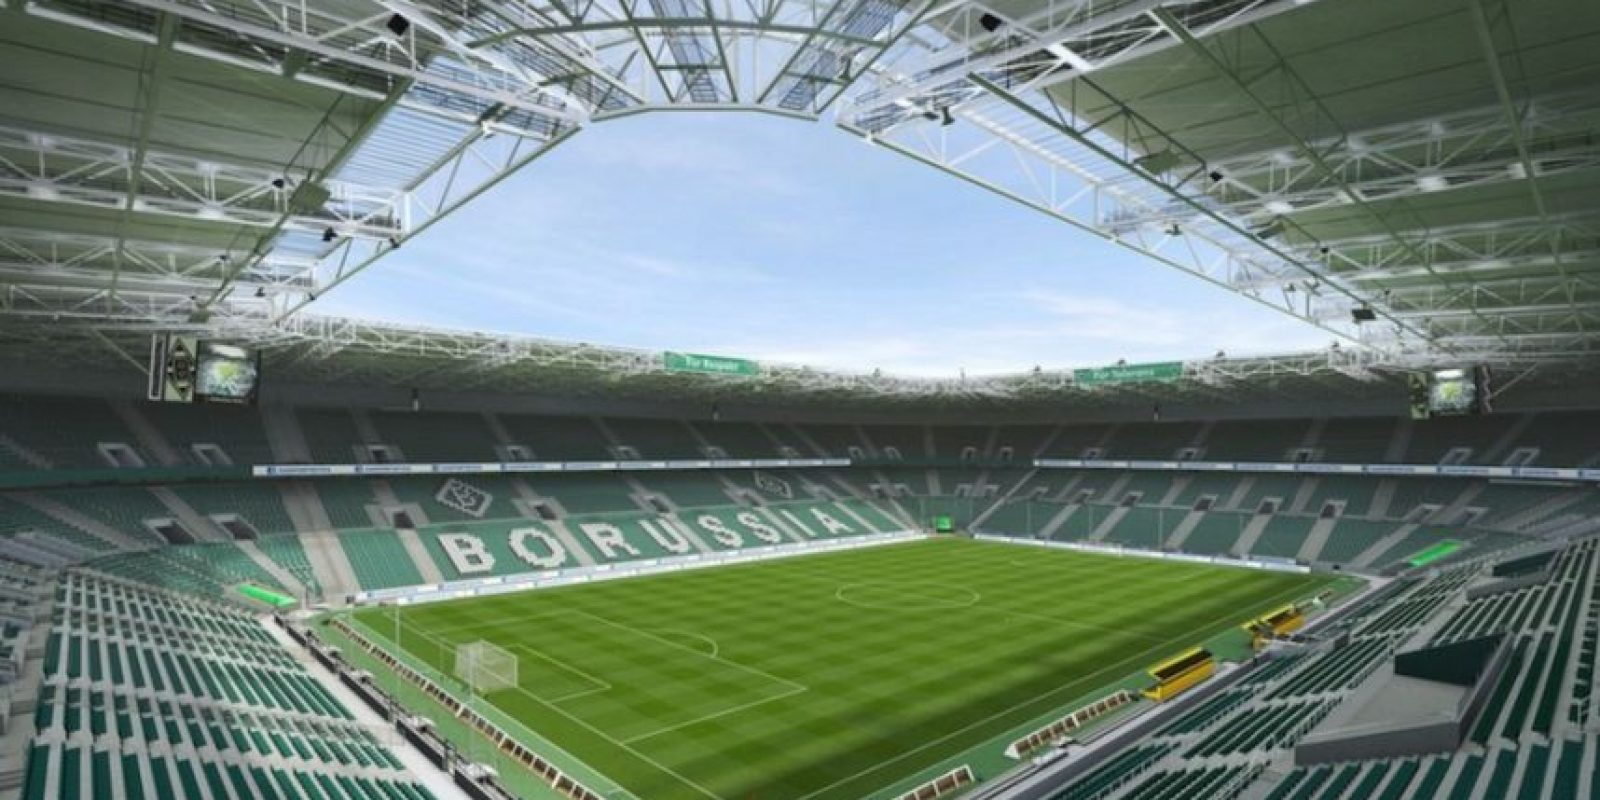 BORUSSIA-PARK (Borussia Mönchengladbach, Bundesliga) Foto:EA Sports